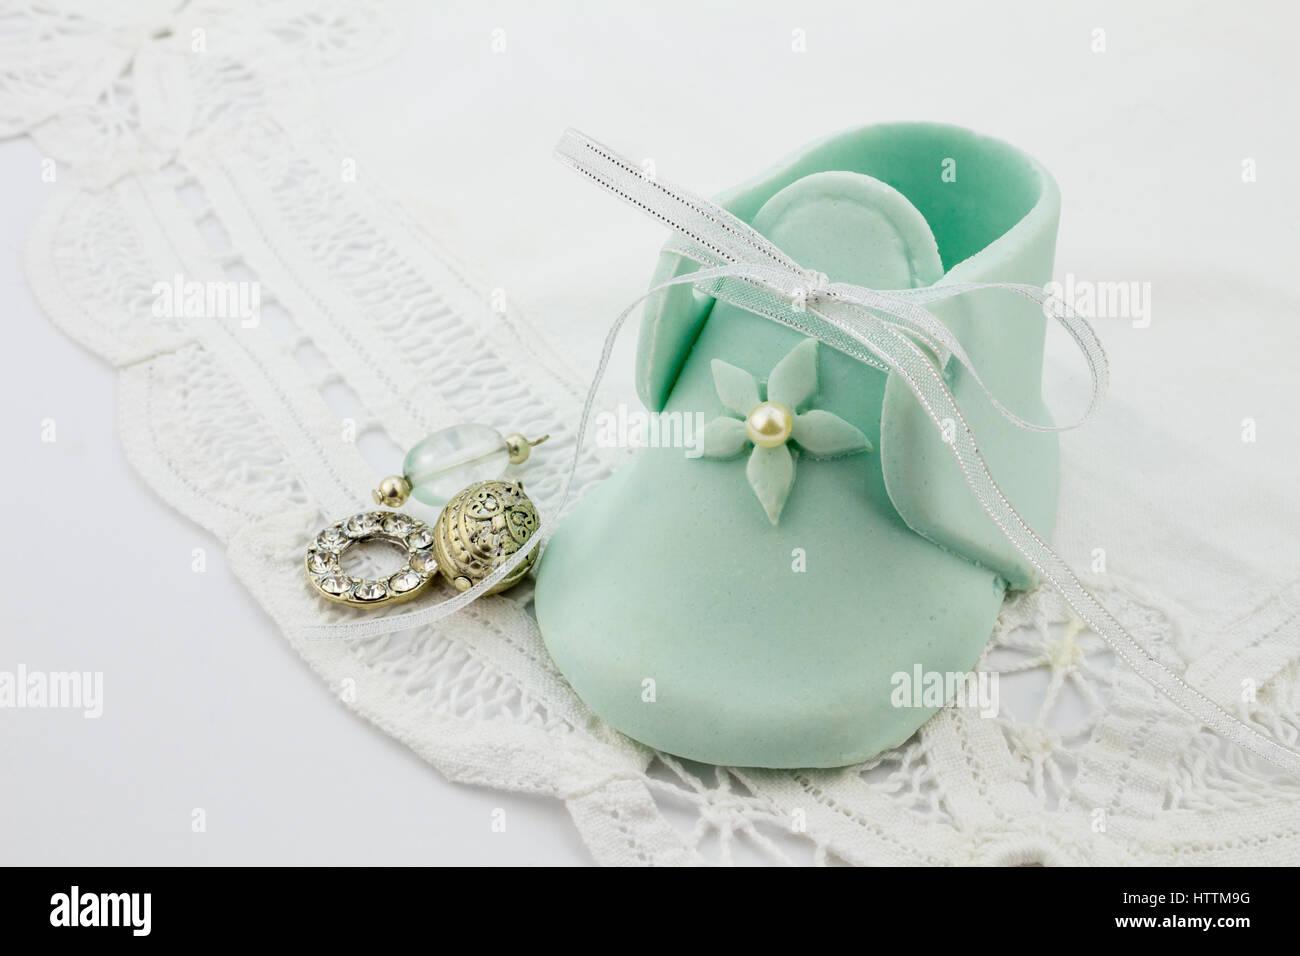 Bébé bootee fondant bleu blanc sur fond de dentelle avec perles en argent pour la célébration Photo Stock